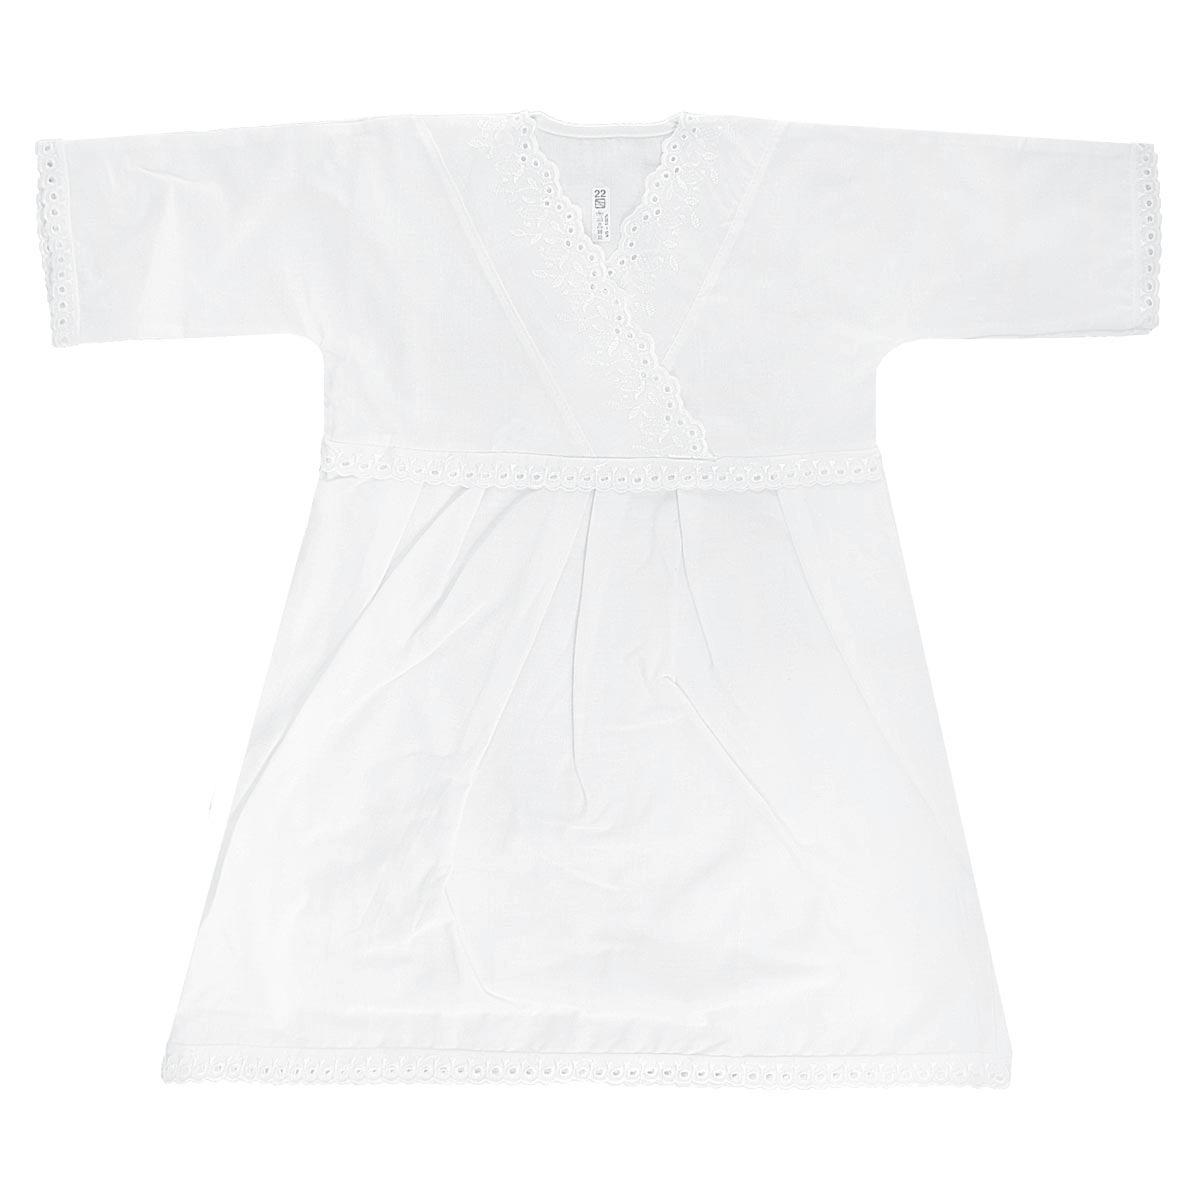 Крестильный набор1151Крестильная рубашка для девочки Трон-плюс, выполненная из натурального хлопка, идеально подойдет для крещения вашей малышки. Рубашка необычайно мягкая и приятная на ощупь, не сковывает движения и позволяет коже дышать, не раздражает нежную кожу ребенка, обеспечивая ему наибольший комфорт. Рубашка трапециевидной формы с длинными рукавами имеет полочку на кокетке с запахом, отделанную вышивками. Низ рукавов и низ изделия украшены очаровательными ажурными петельками. От линии талии заложены складочки, придающие рубашке пышность. Благодаря такой рубашке ваша малышка не замерзнет, и будет выглядеть нарядно.